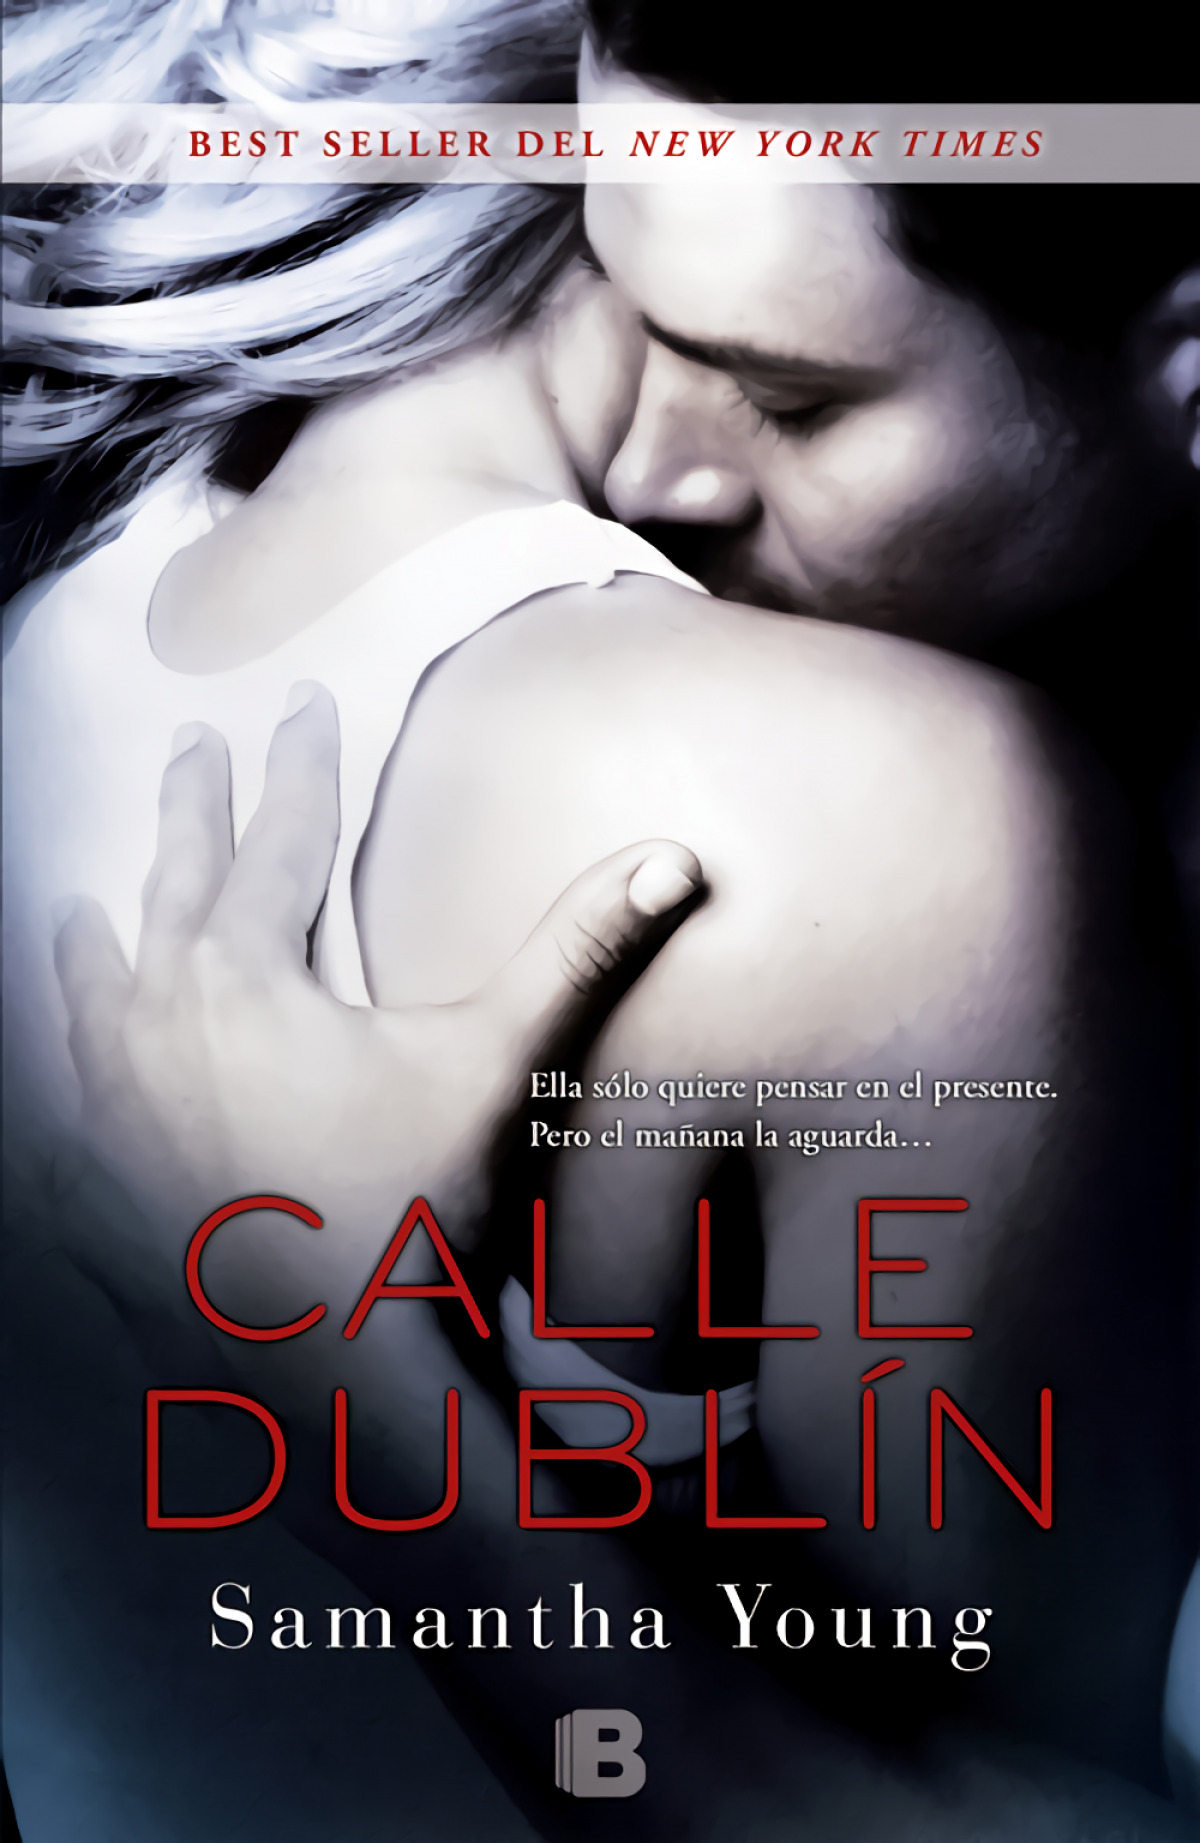 Calle dublin 9788466651844